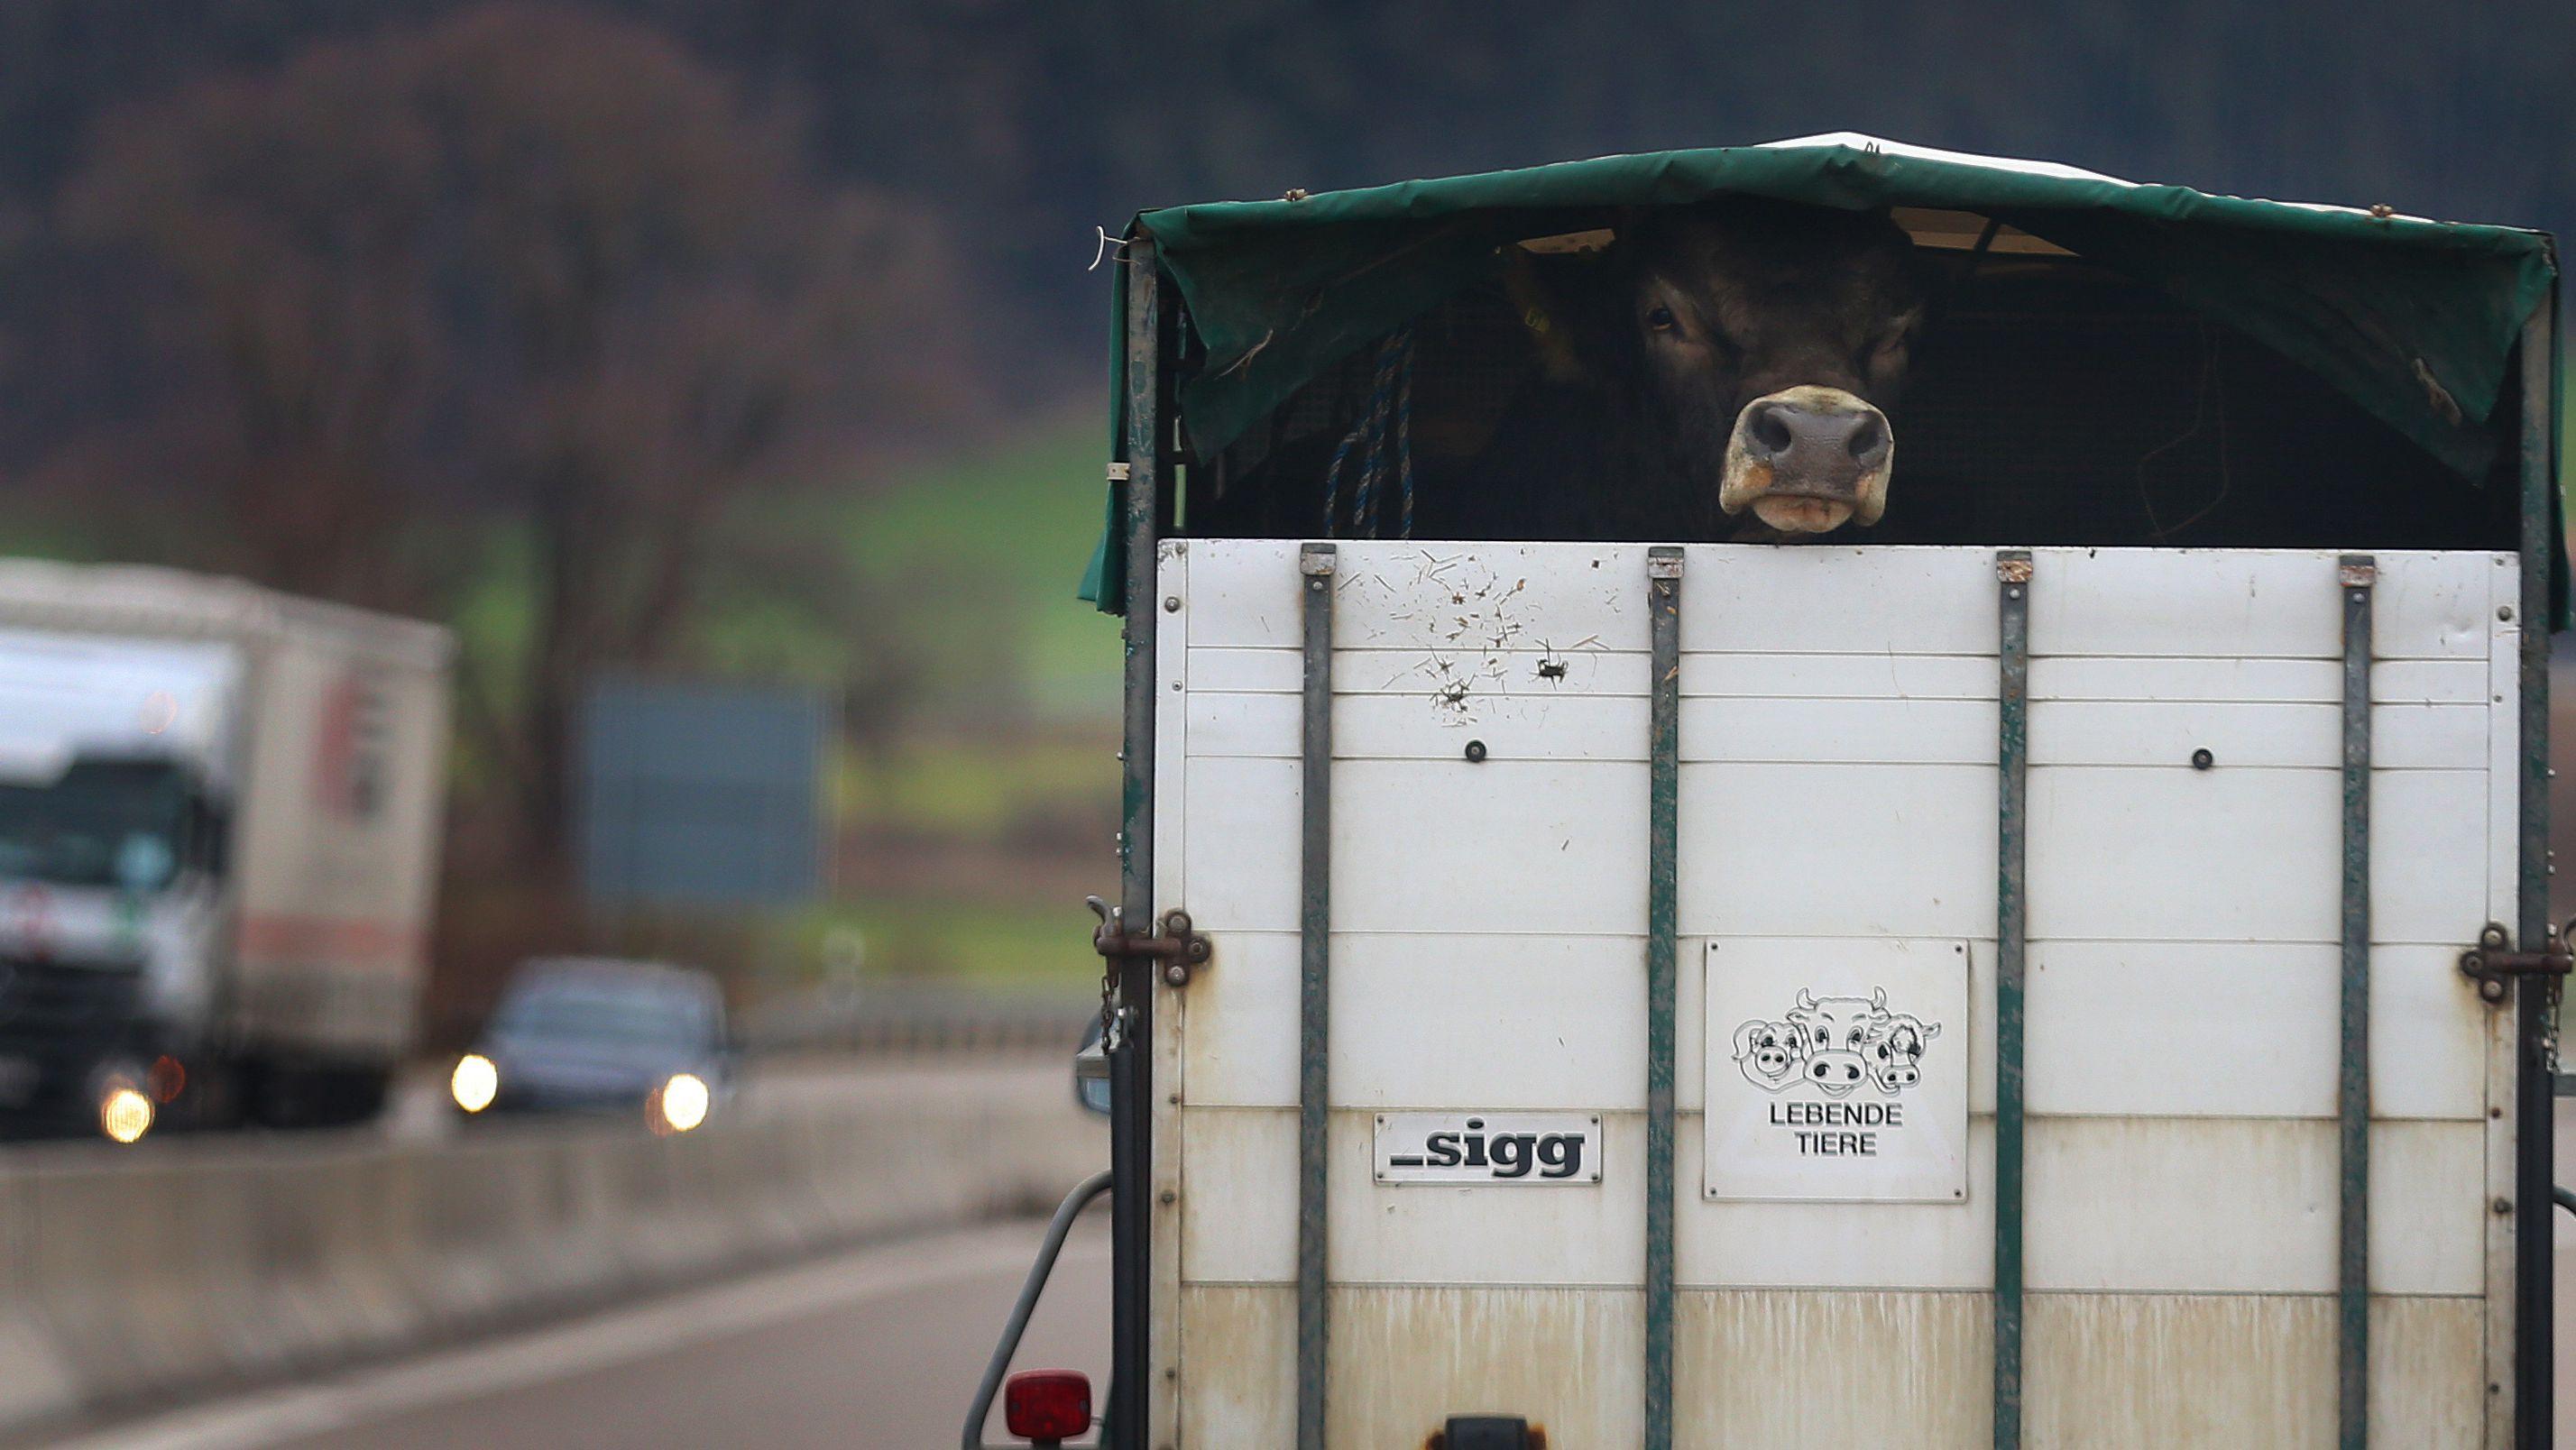 Kuh in Transportanhänger auf der Autobahn (Symbolbild)